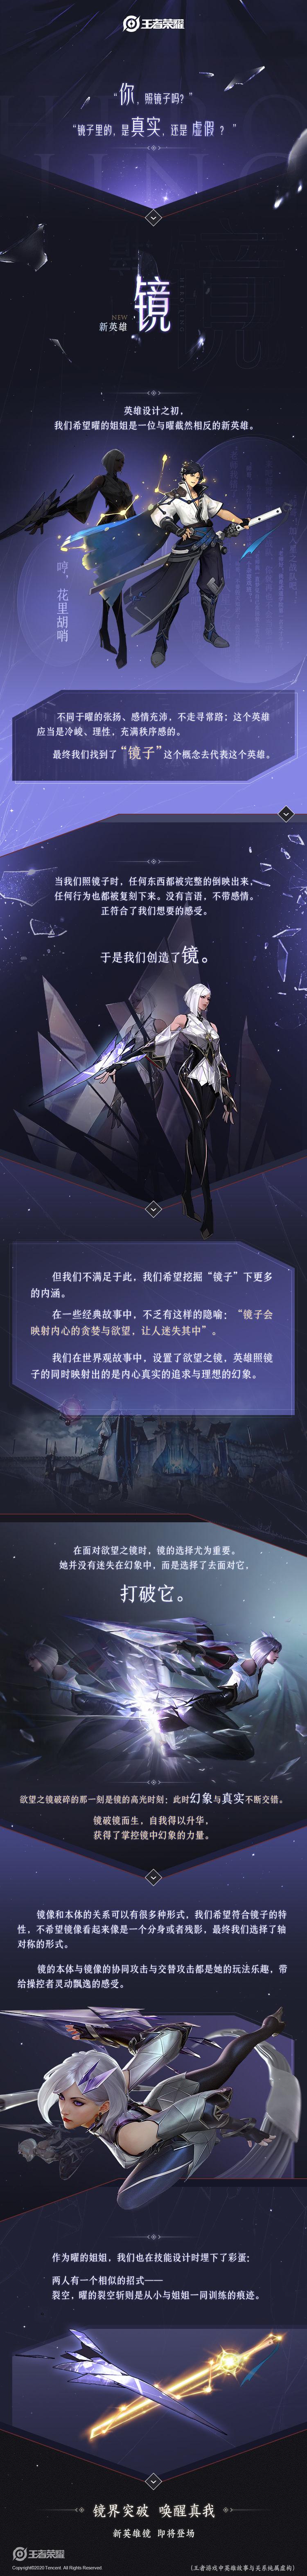 王者荣耀新英雄镜技能详细介绍 王者荣耀新英雄镜即将正式上线